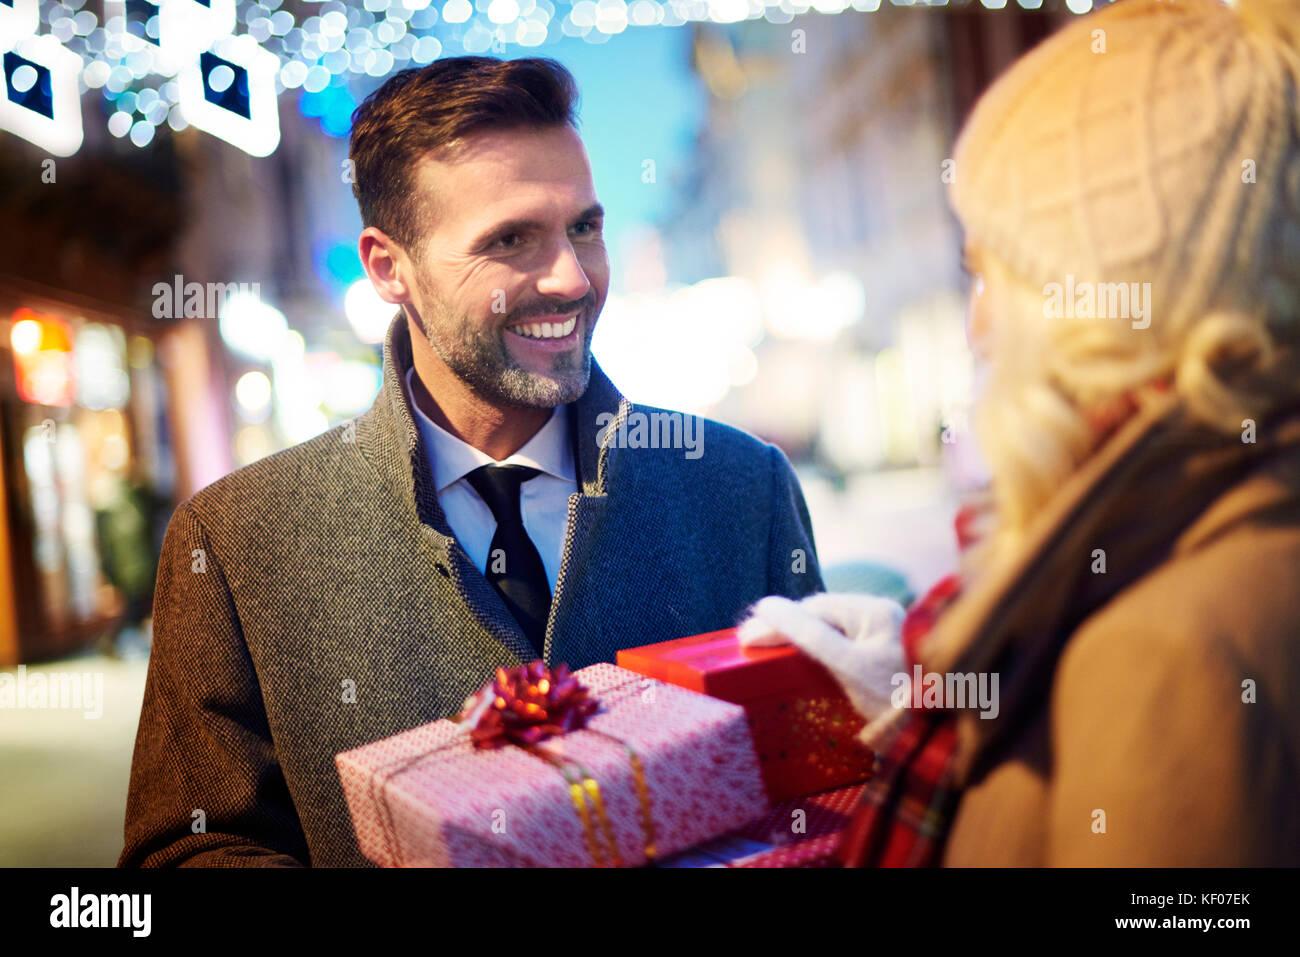 Homme Femme surprenant avec des cadeaux inattendus Photo Stock